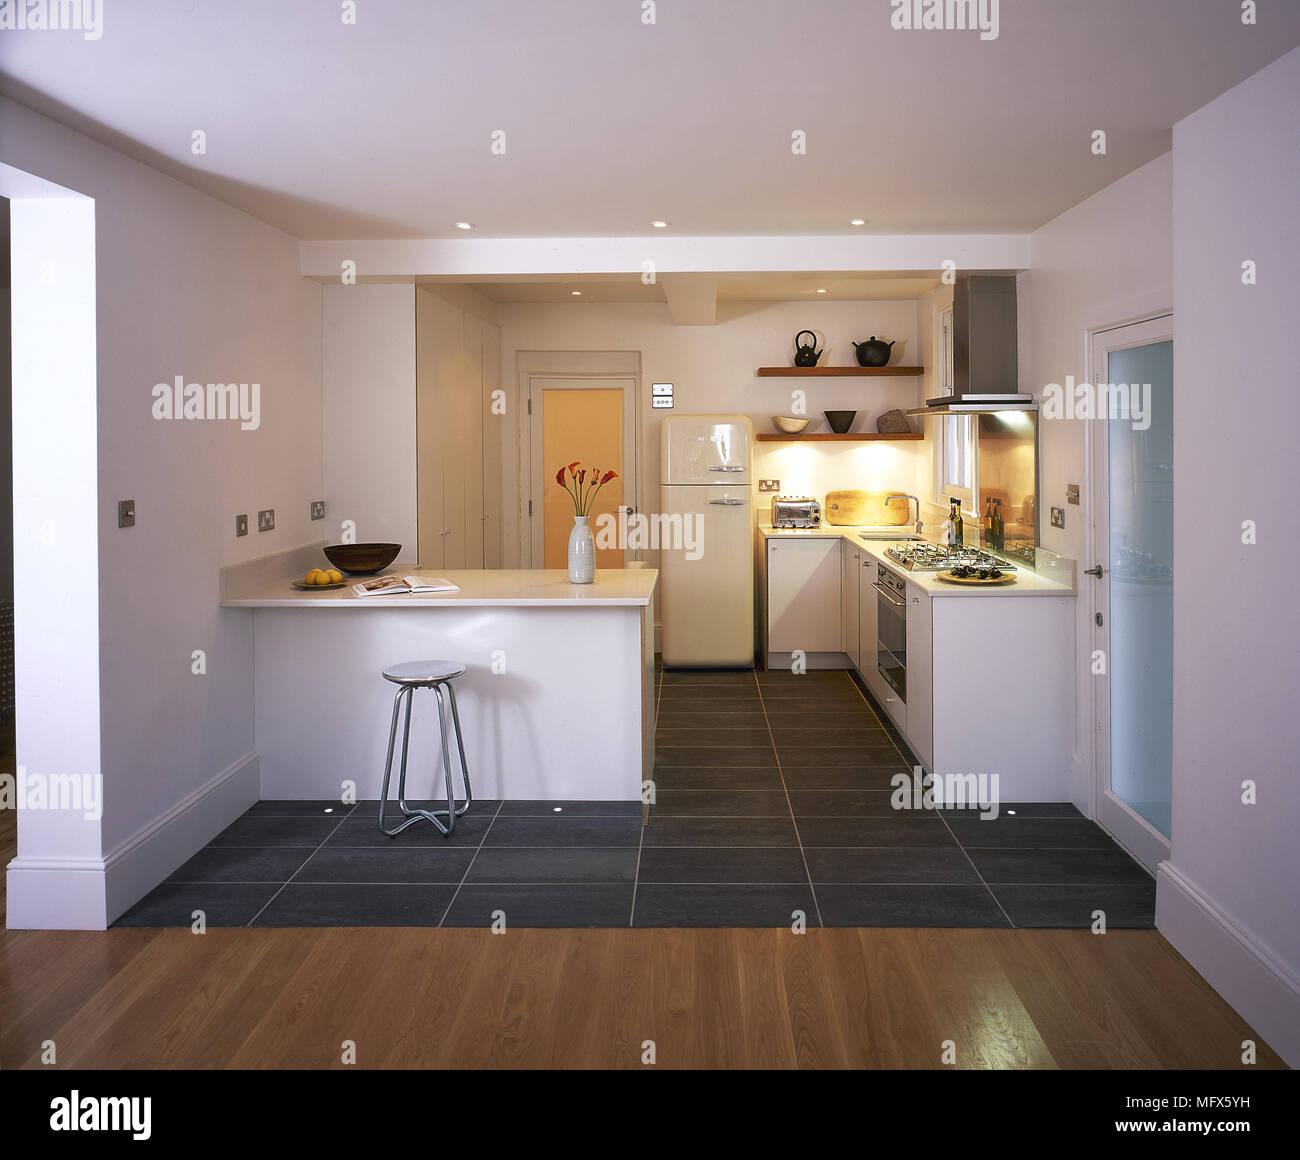 Niedlich Houzz Weiße Küchenbeleuchtung Fotos - Ideen Für Die Küche ...